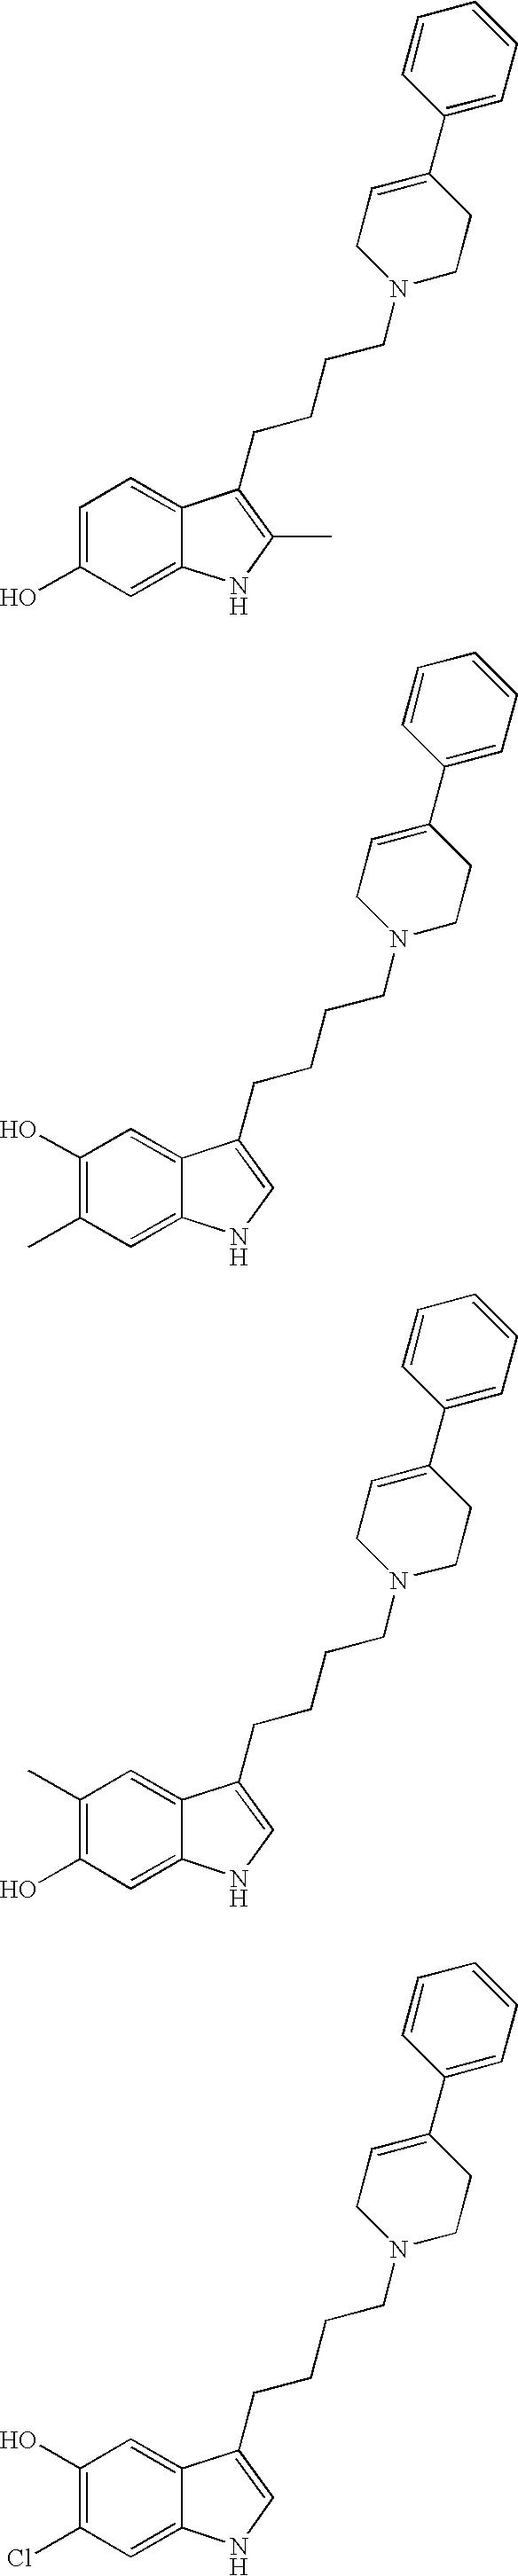 Figure US20100009983A1-20100114-C00125